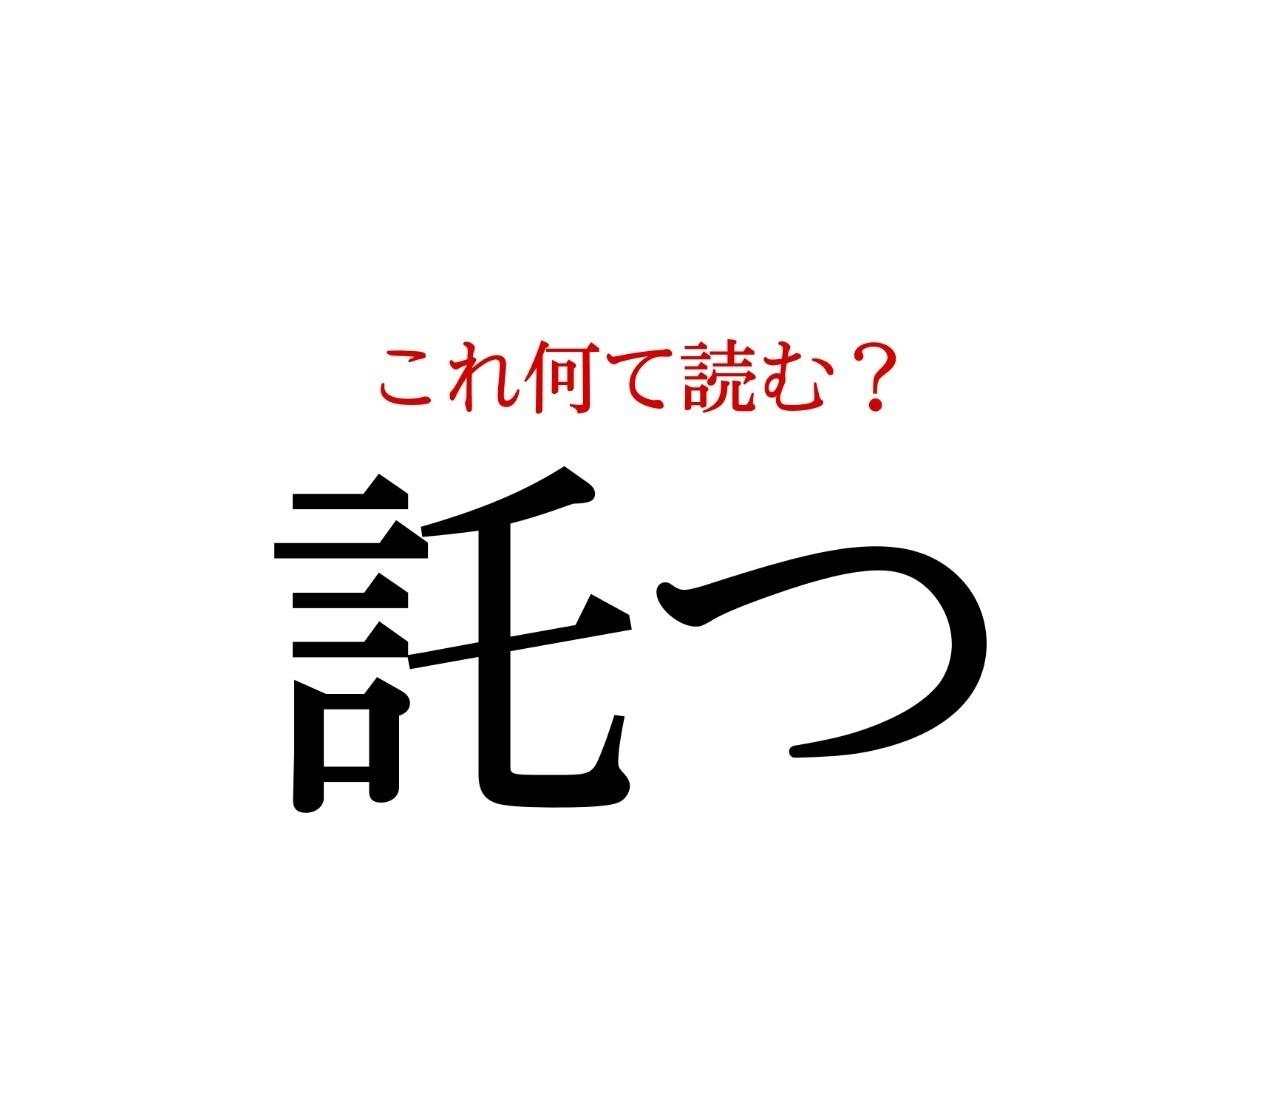 「託つ」:この漢字、自信を持って読めますか?【働く大人の漢字クイズvol.245】